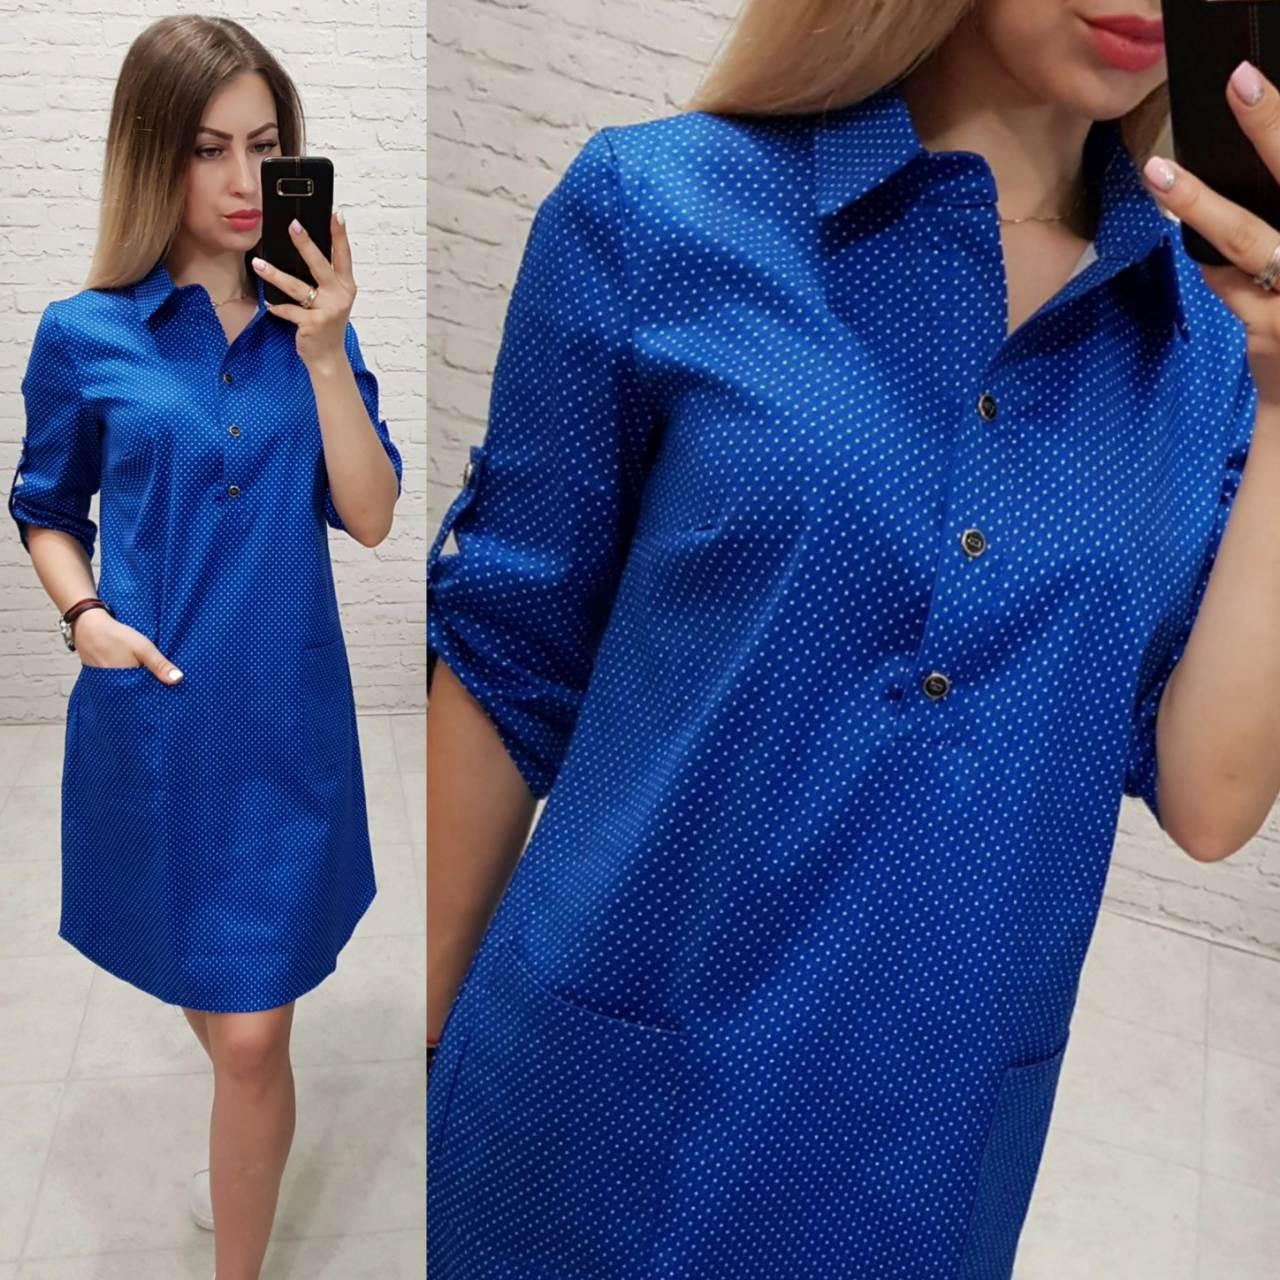 Платье-рубашка, модель 831, цвет - электрик в горох